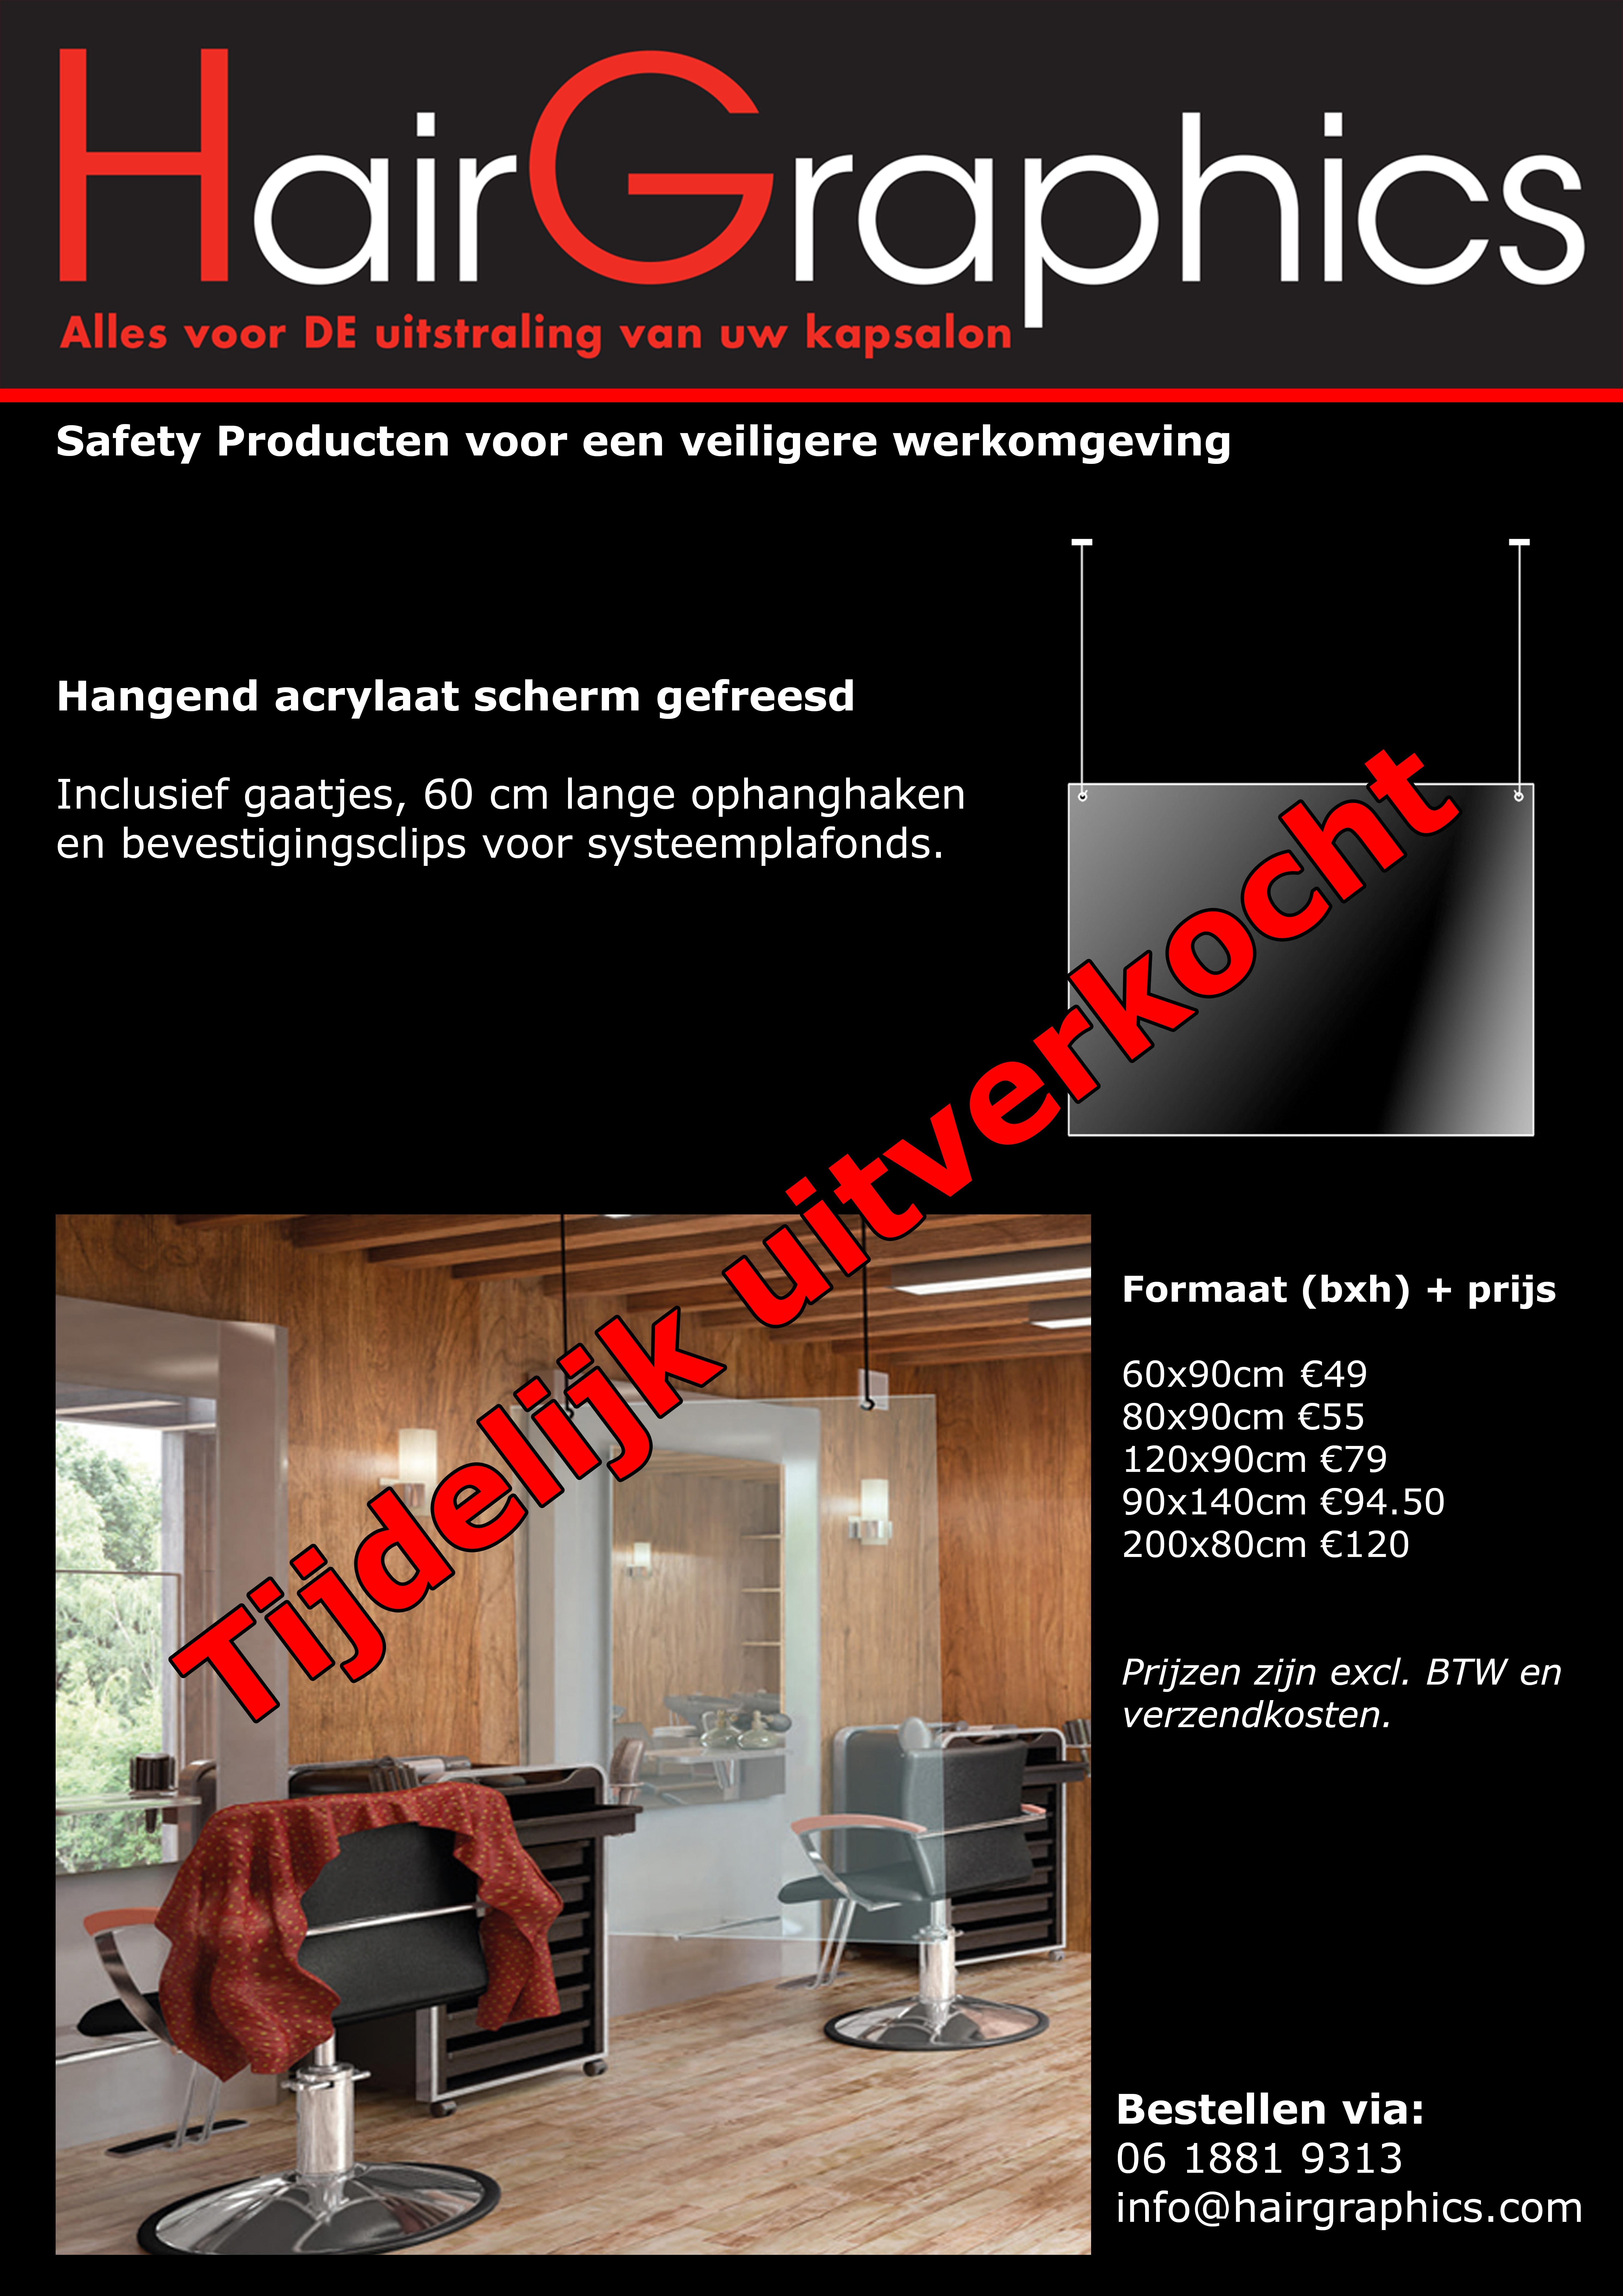 Preventie scherm acrylaat hangend